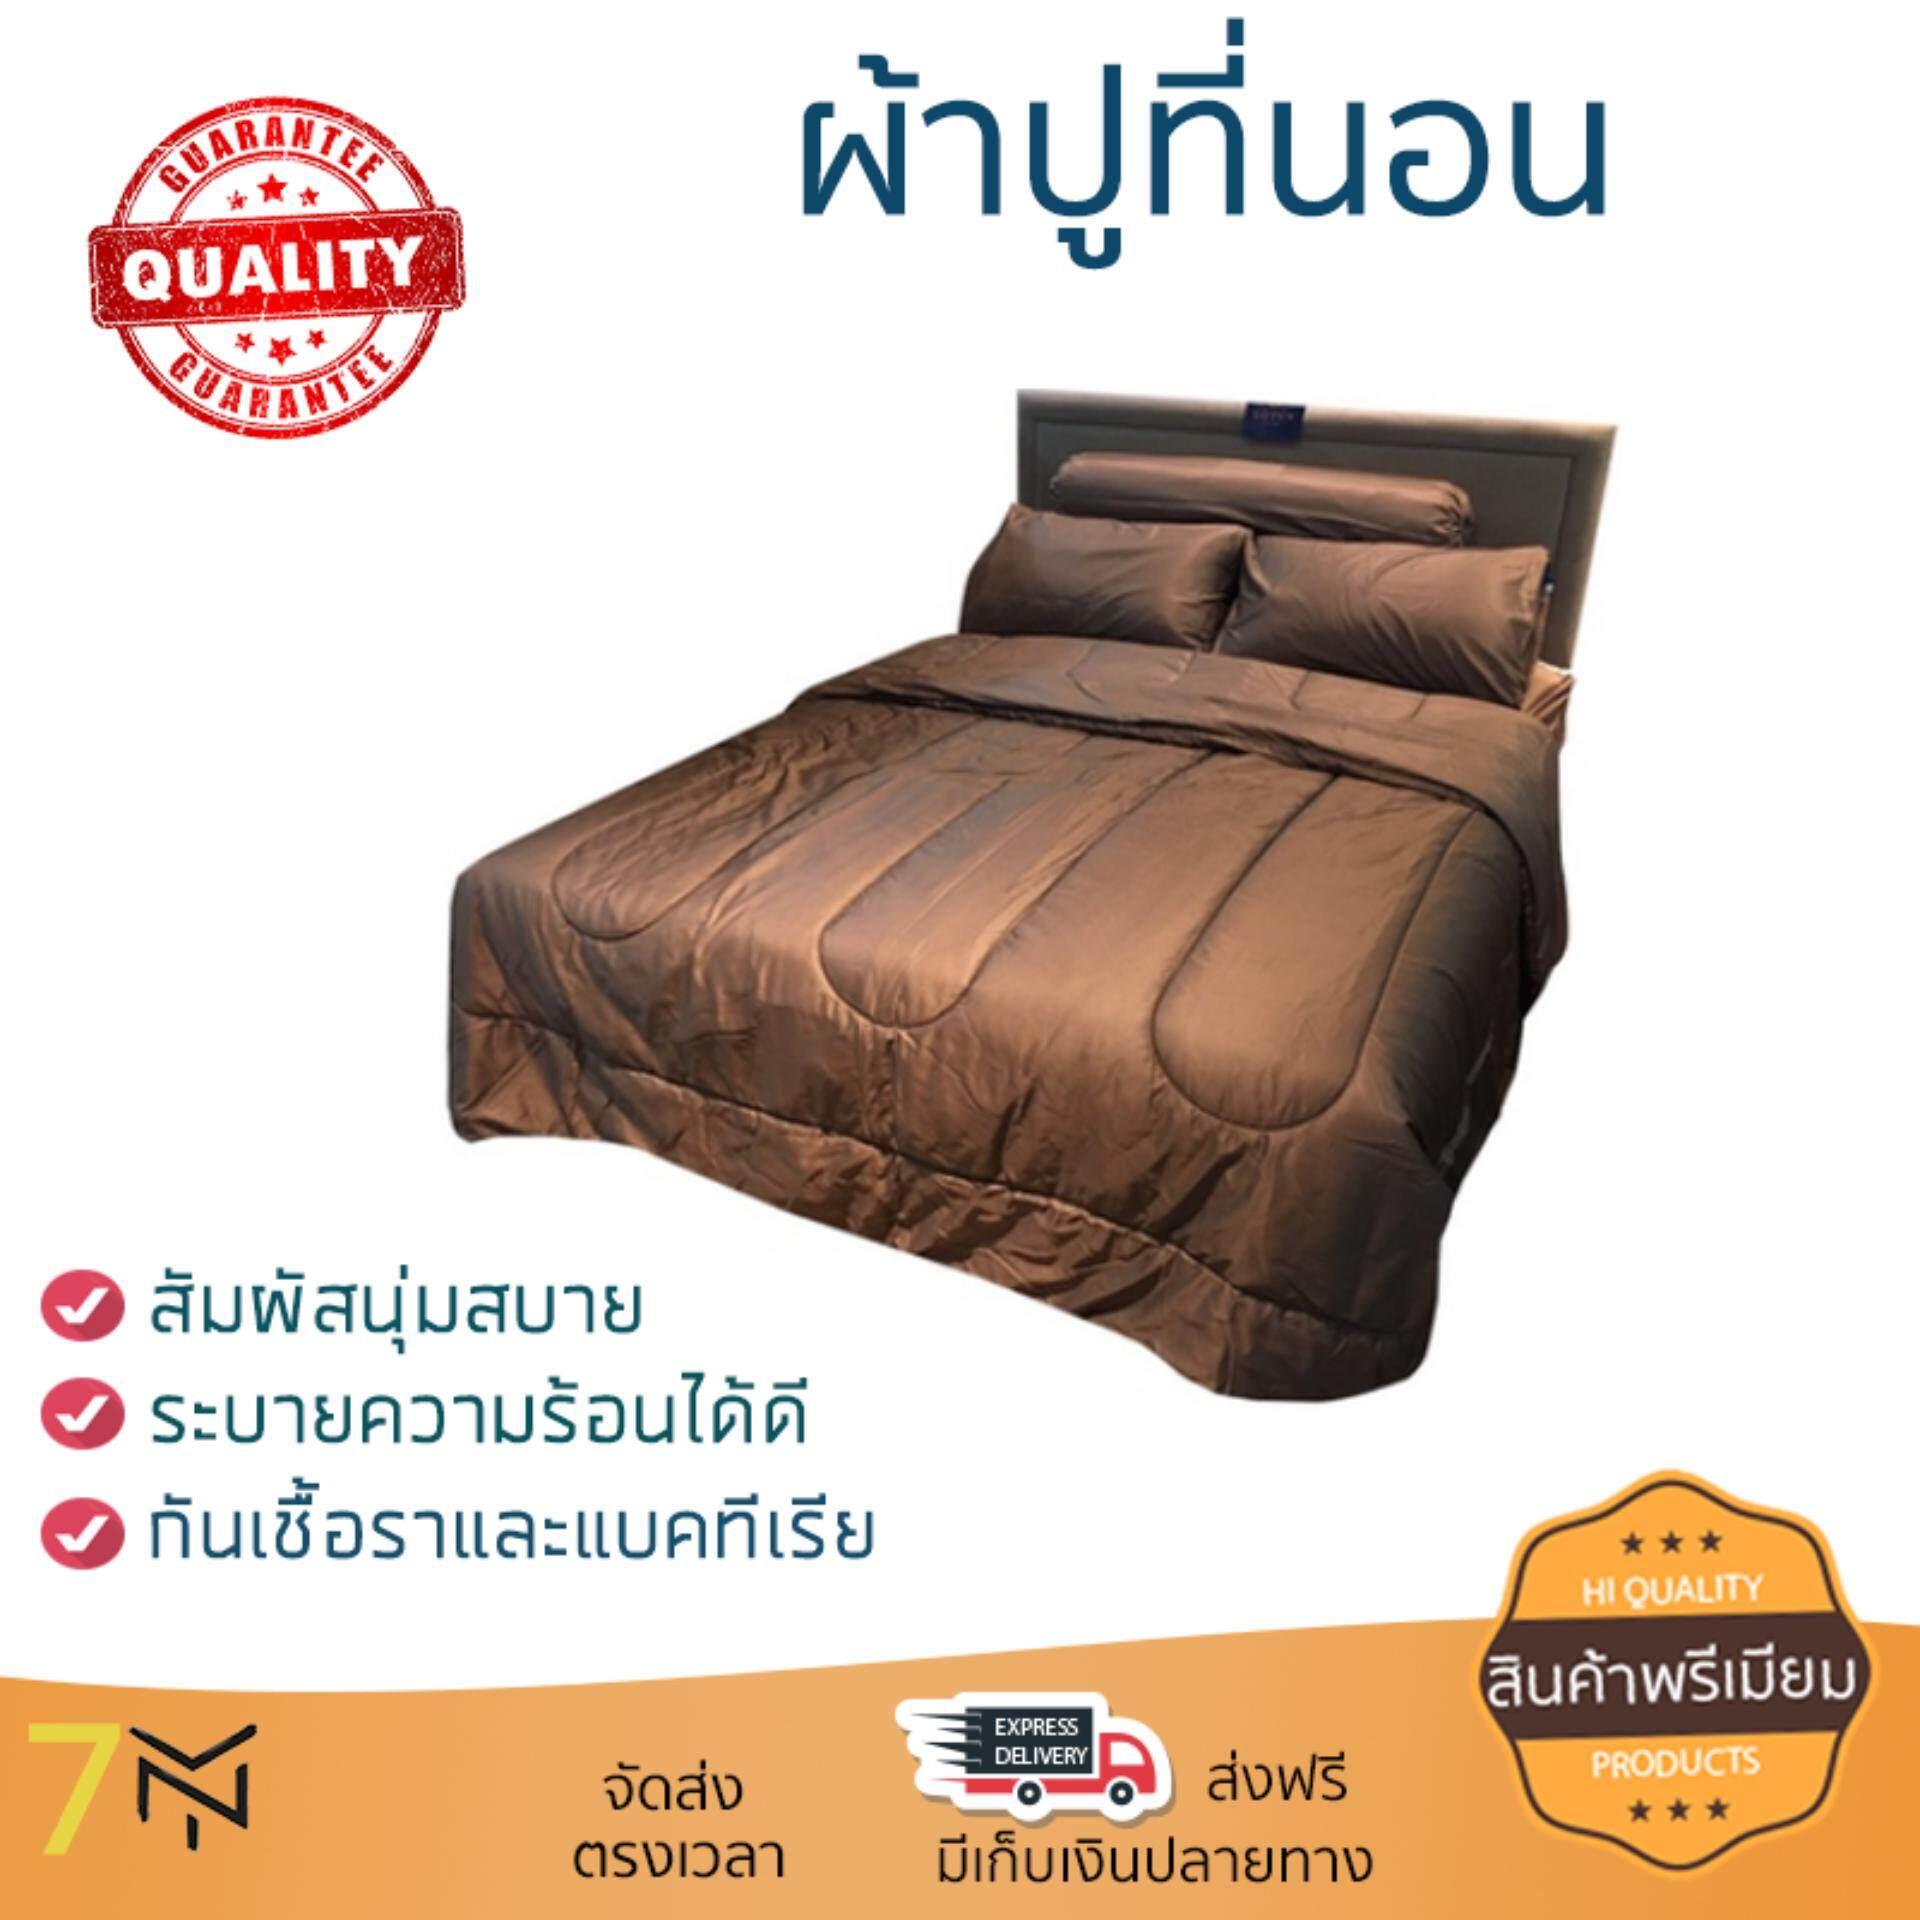 ขายดีมาก! ผ้าปูที่นอน ผ้าปูที่นอนกันไรฝุ่น ผ้าปู K5 HOME LIVING STYLE 375TC SHIN DARK BROWN | HOME LIVING STYLE | ผ้าปู K5HLS375TC SHIN สัมผัสนุ่ม นอนหลับสบาย เส้นใยทอพิเศษ ระบายความร้อนได้ดี กันเชื้อราและแบคทีเรีย Bed Sheet Set จัดส่งฟรี Kerry ทั่วประเทศ